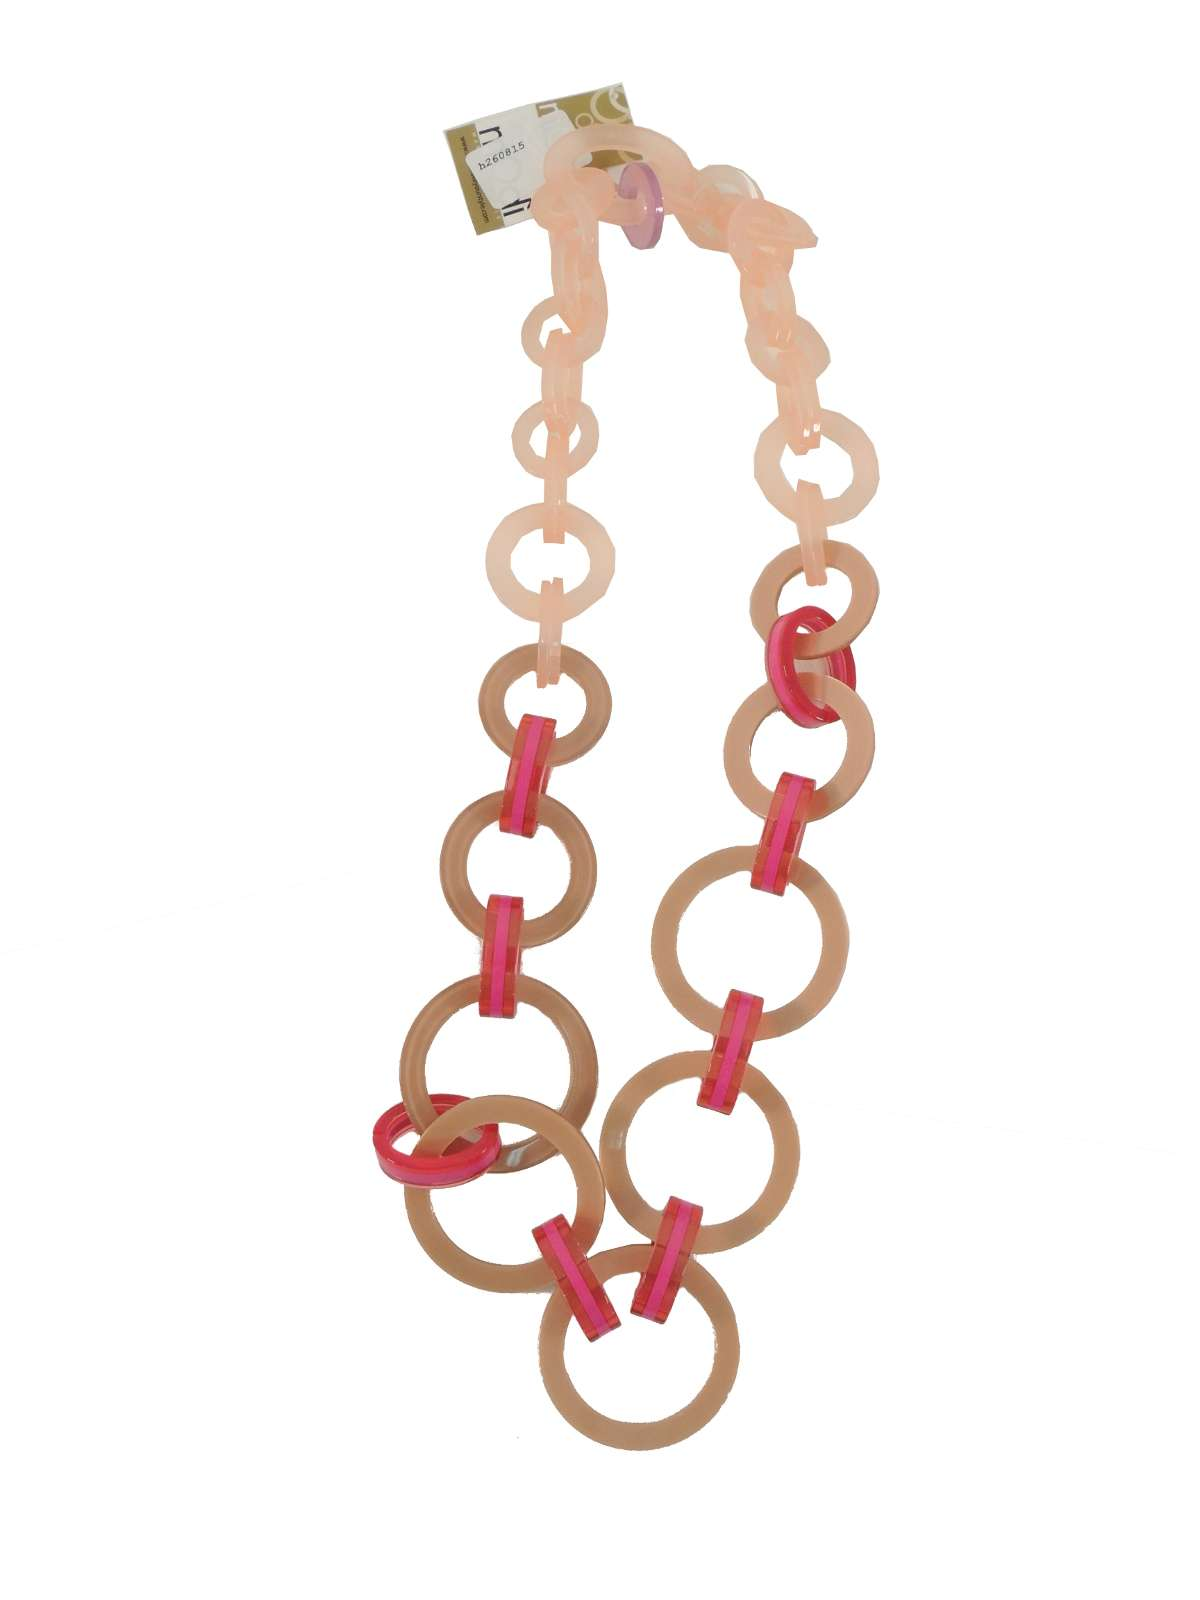 Collana in pvc materiale naturale e al tatto sofisticato, formata da anelli assemblati tra loro.